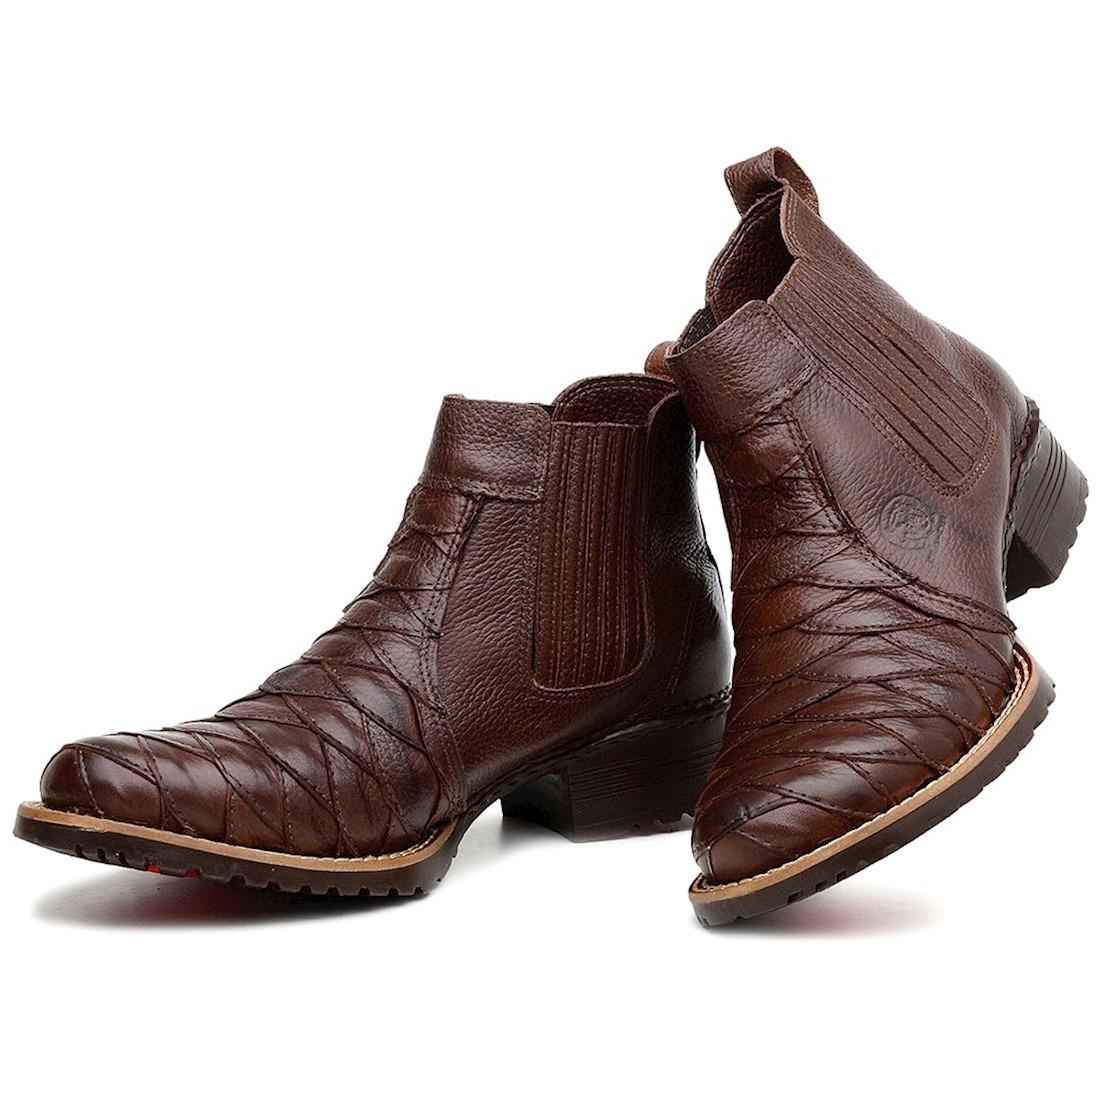 c5f1398689 bota country masculina escamada botina couro nobre moderna. Carregando zoom.